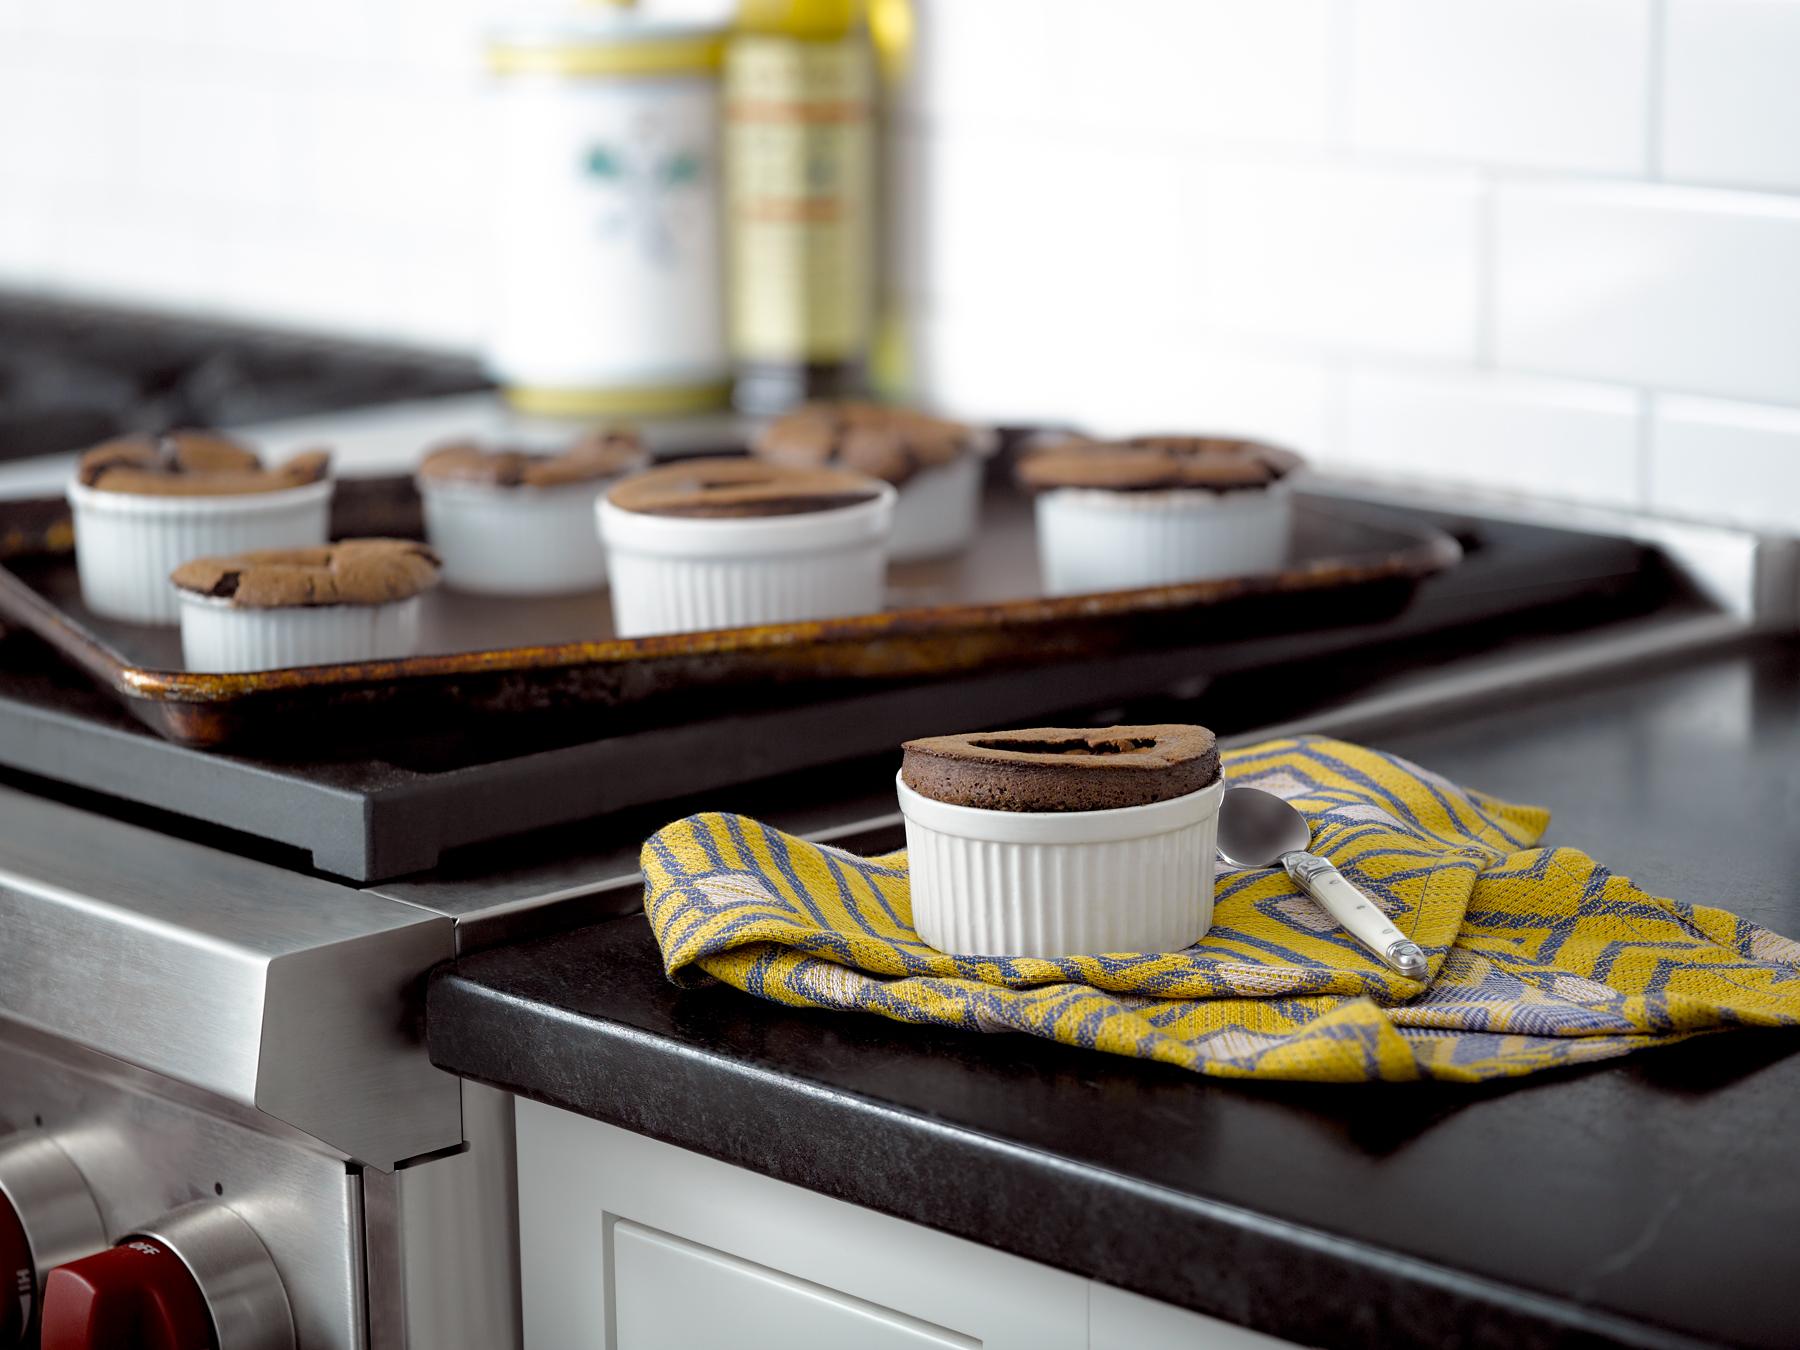 MoltenChocolateCakes_1.jpg